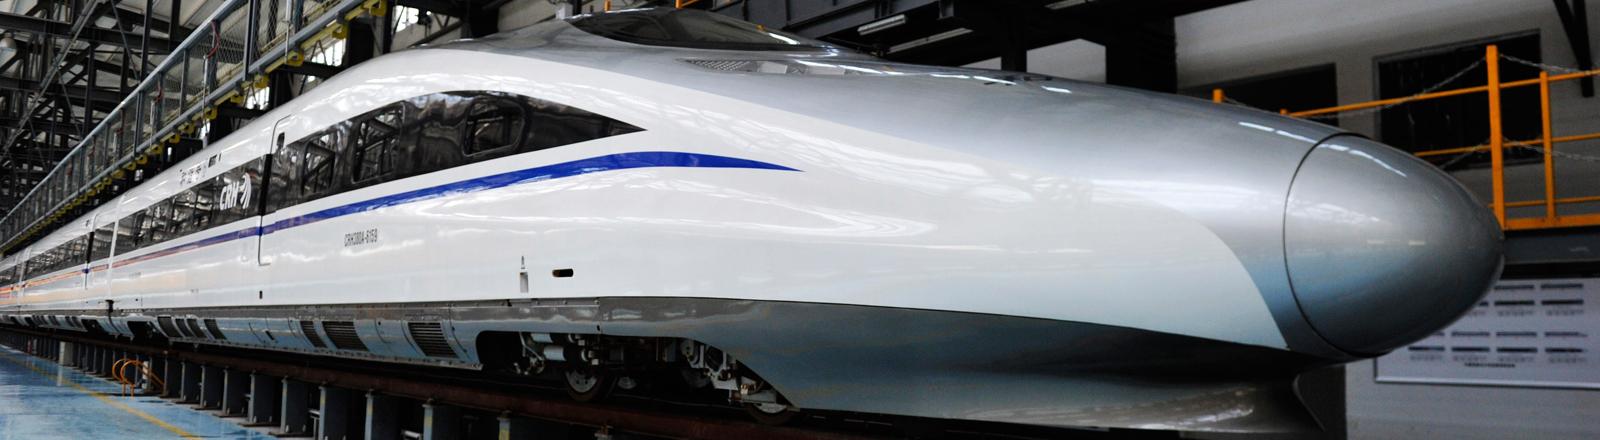 Der chinesische Hochgeschwindigkeitszug für die Strecke Hangzhou-Nanchang-Changsha